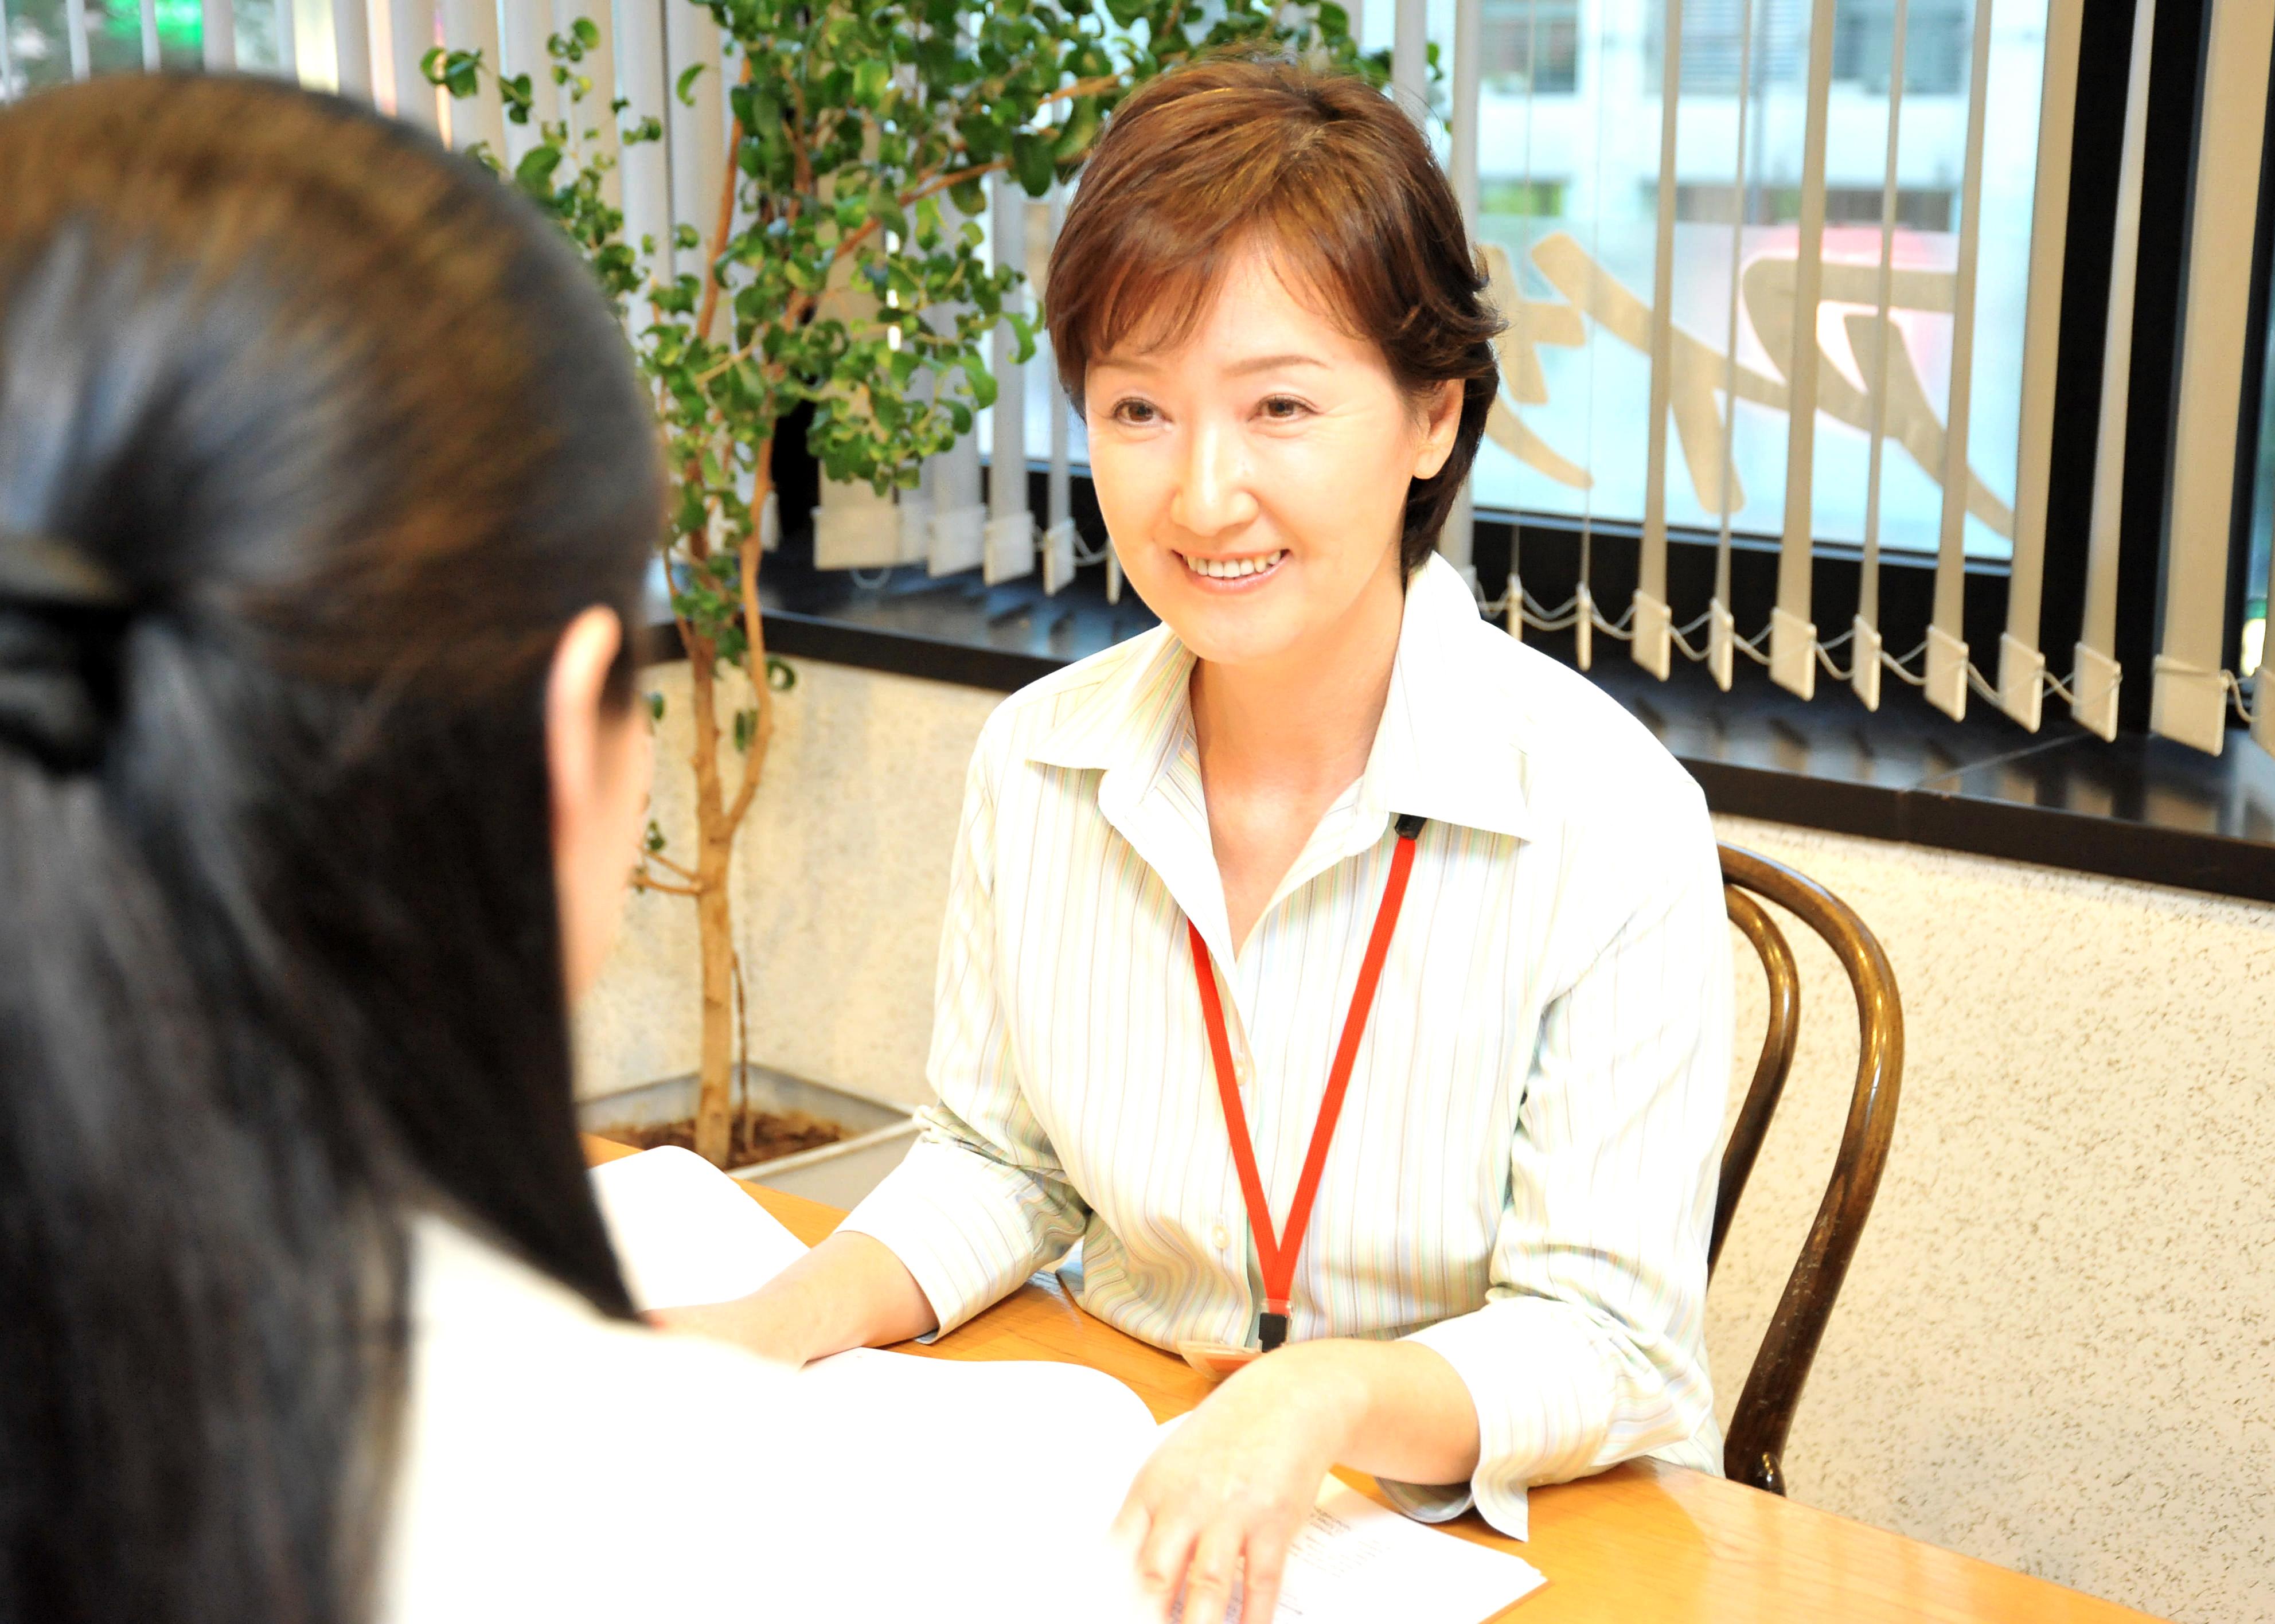 【名古屋校】TOEIC®L&R TEST対策 短期集中 プライベートコース